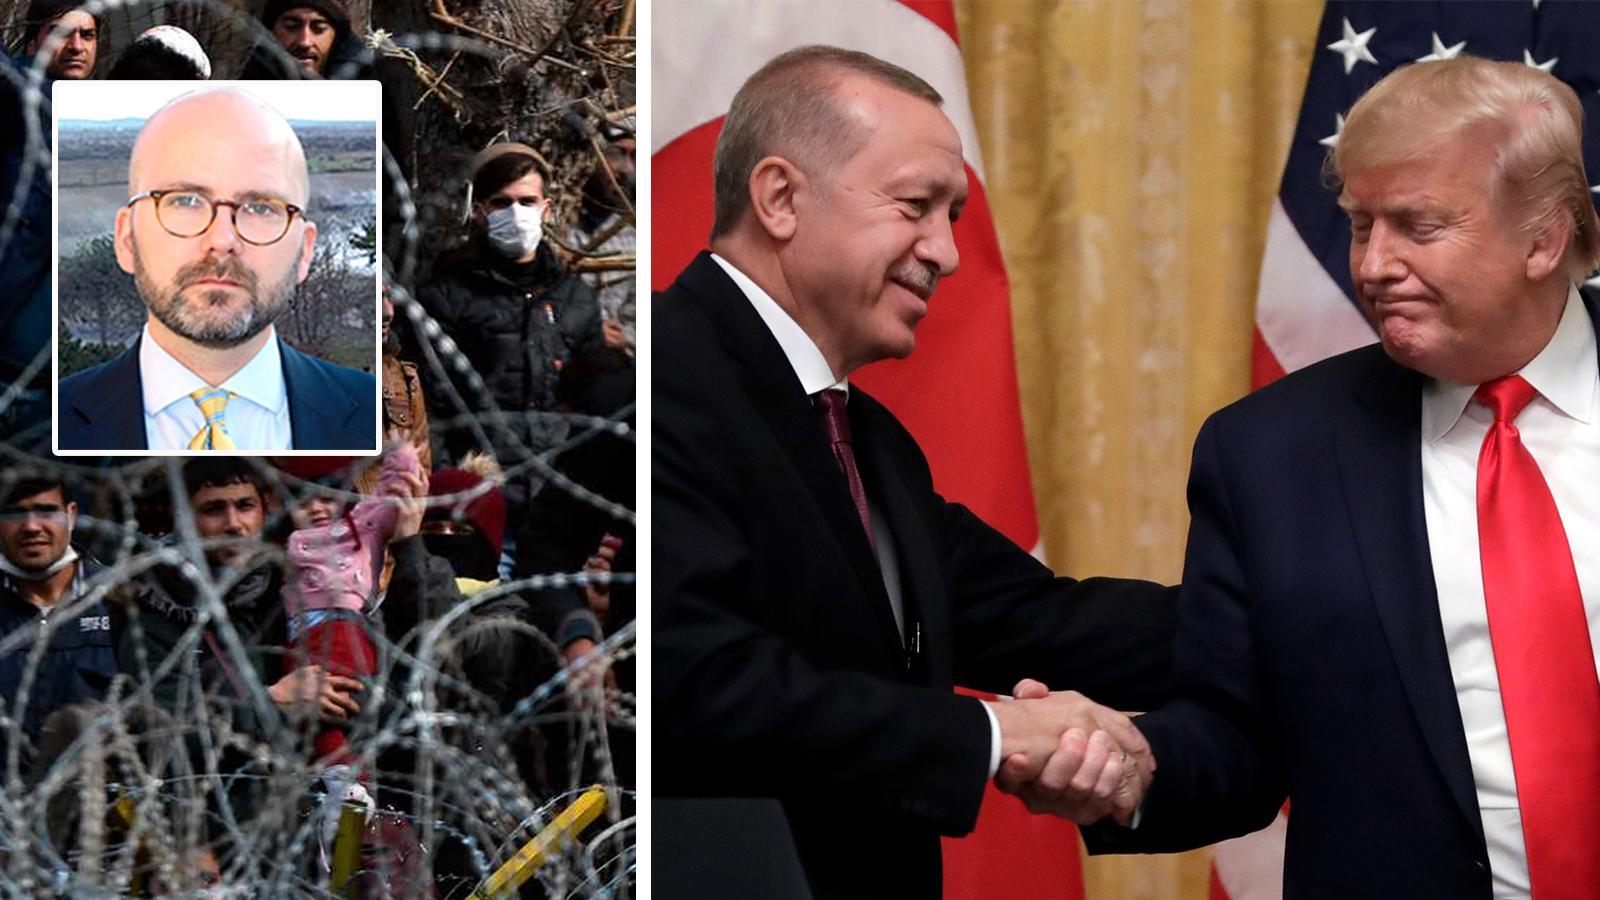 För att vinna förhandlingen med Turkiet måste EU agera tydligt och resolut. Alla utbetalningar till Turkiet måste frysas och riktade sanktioner införas. Om trycket mot gränsen ändå inte upphör bör vi som yttersta åtgärd vara beredda att införa ett tillfälligt handelsstopp, skriver Charlie Weimers, Europaparlamentariker (SD).